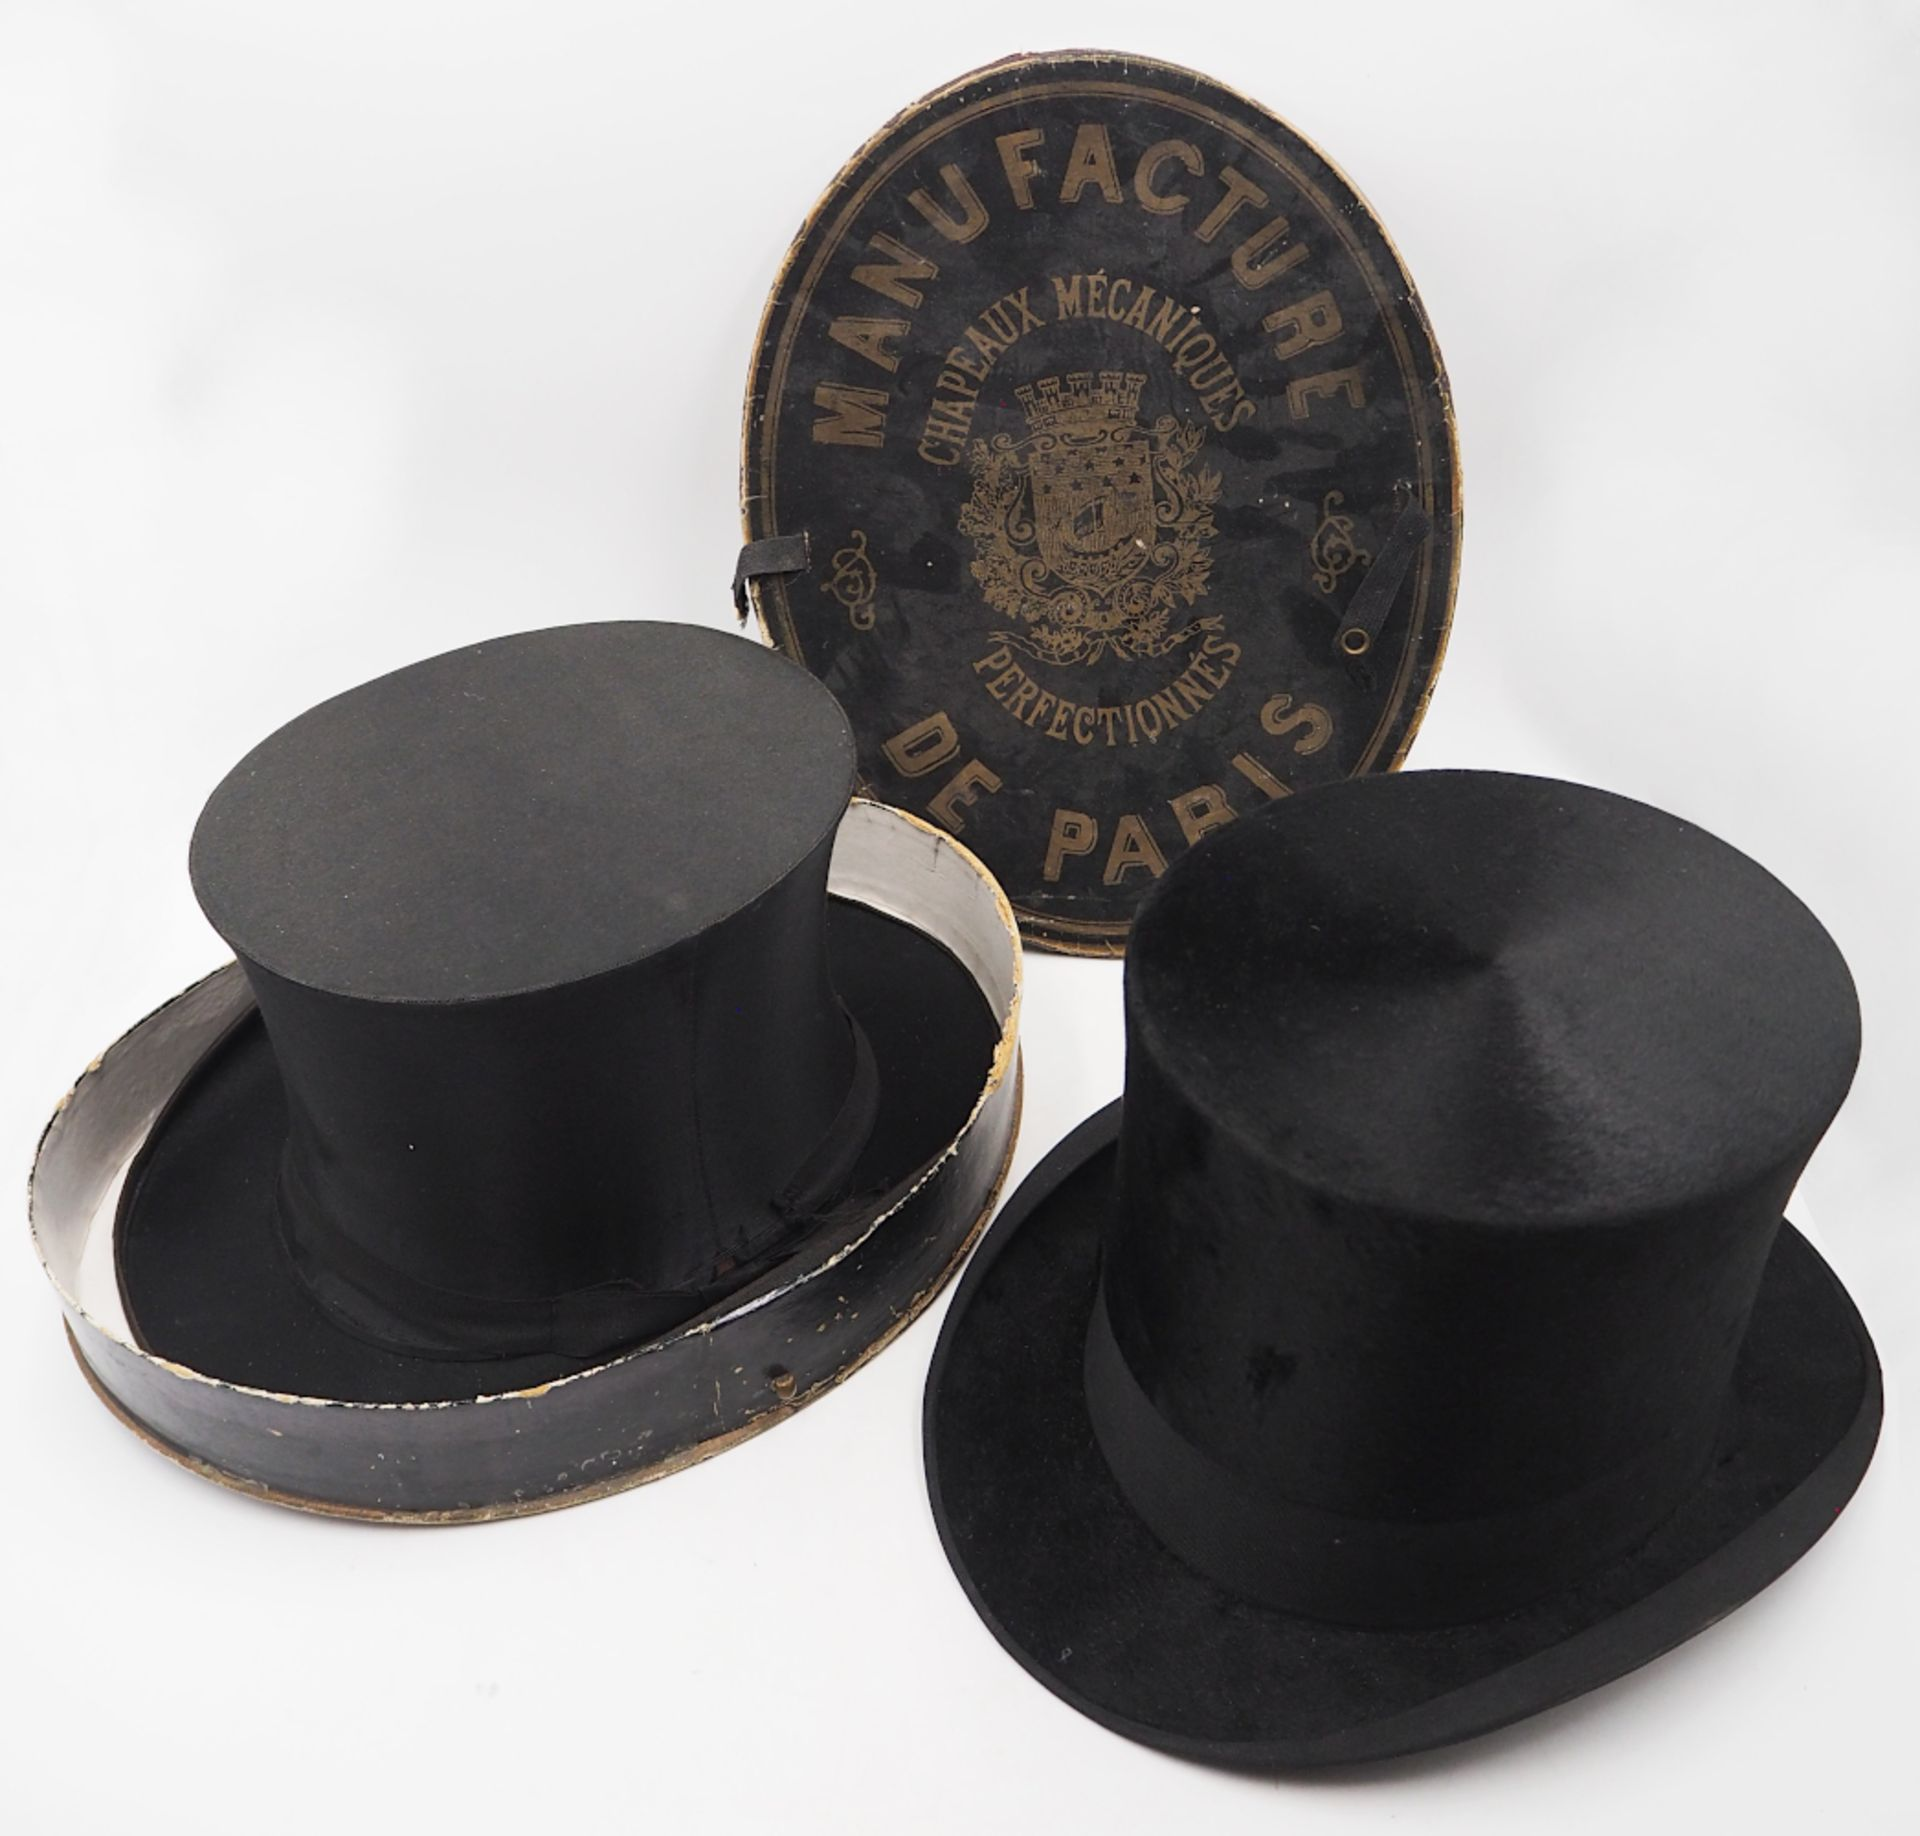 1 Konv.: 1 Chapeau Claque FRANZ JOS. HEISEL, 1 Zylinder THOs. TOWNEND & Co. H ca. 17cm